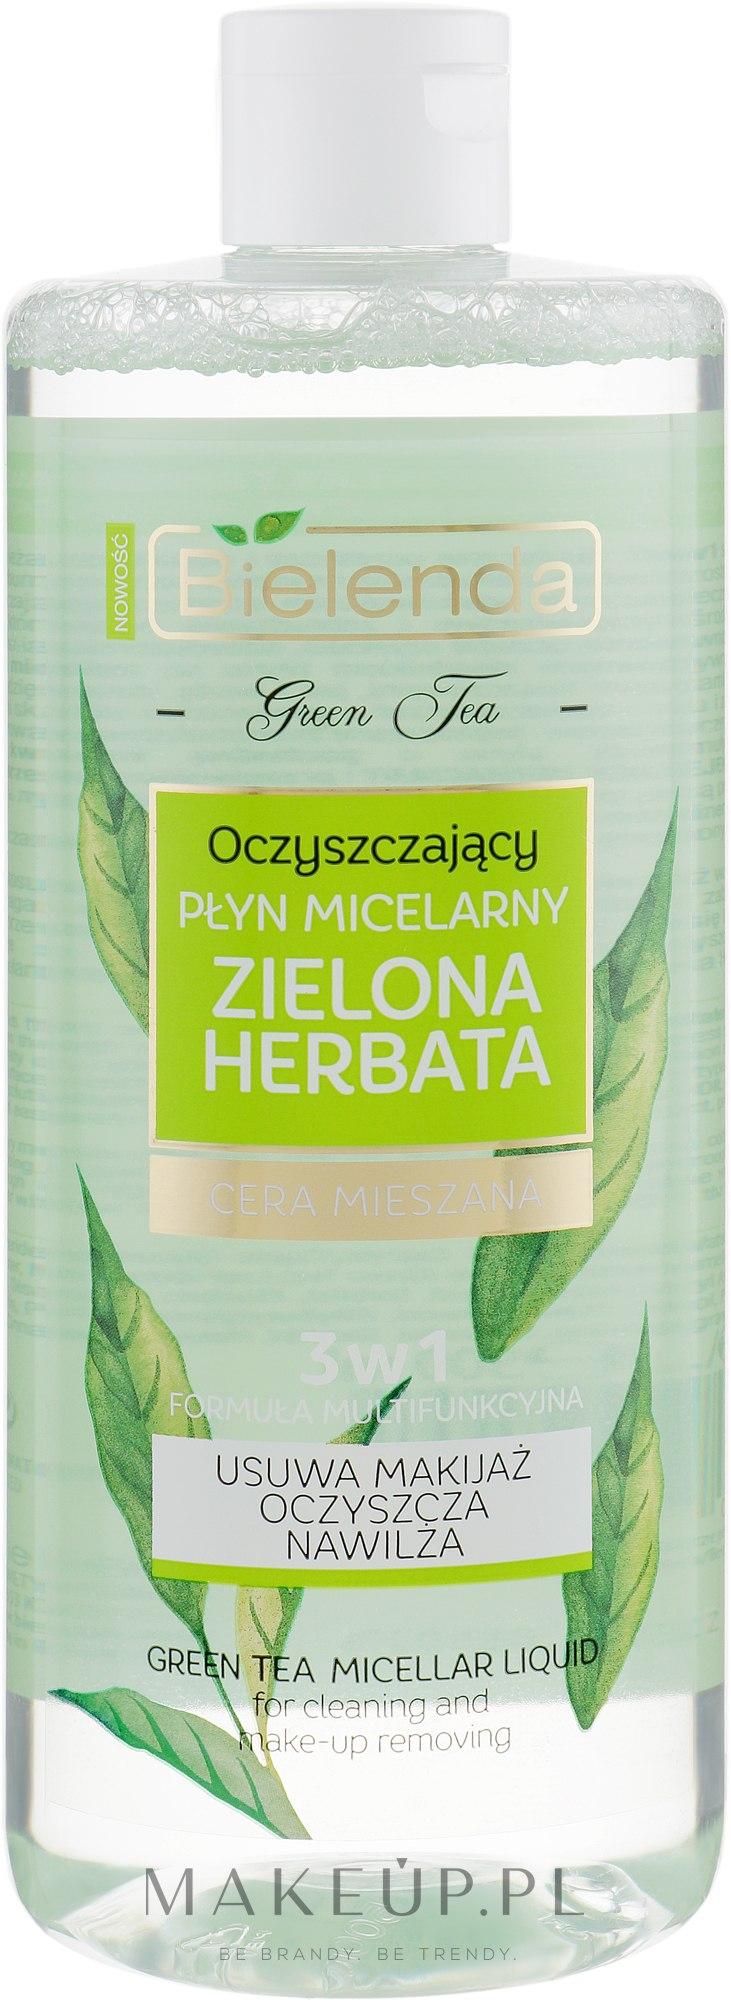 Oczyszczający płyn micelarny 3 w 1 do cery mieszanej Zielona herbata - Bielenda Green Tea — фото 500 ml